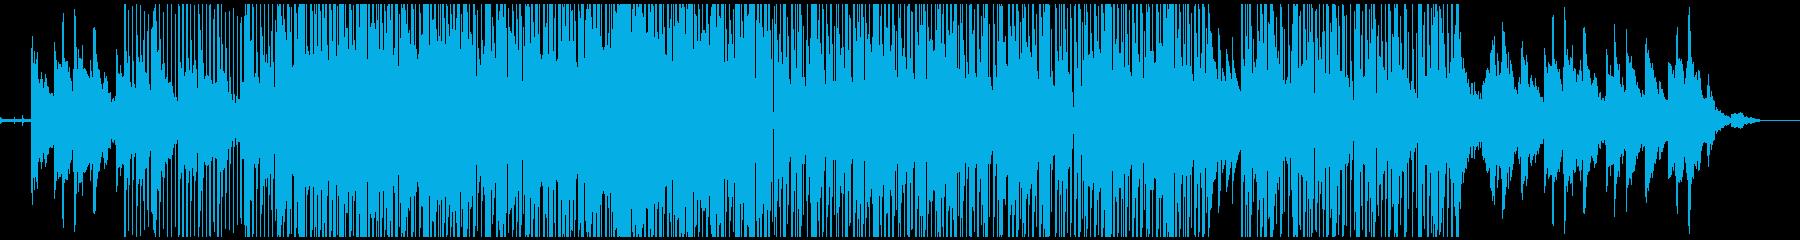 都会っぽい雰囲気のローファイヒップホップの再生済みの波形